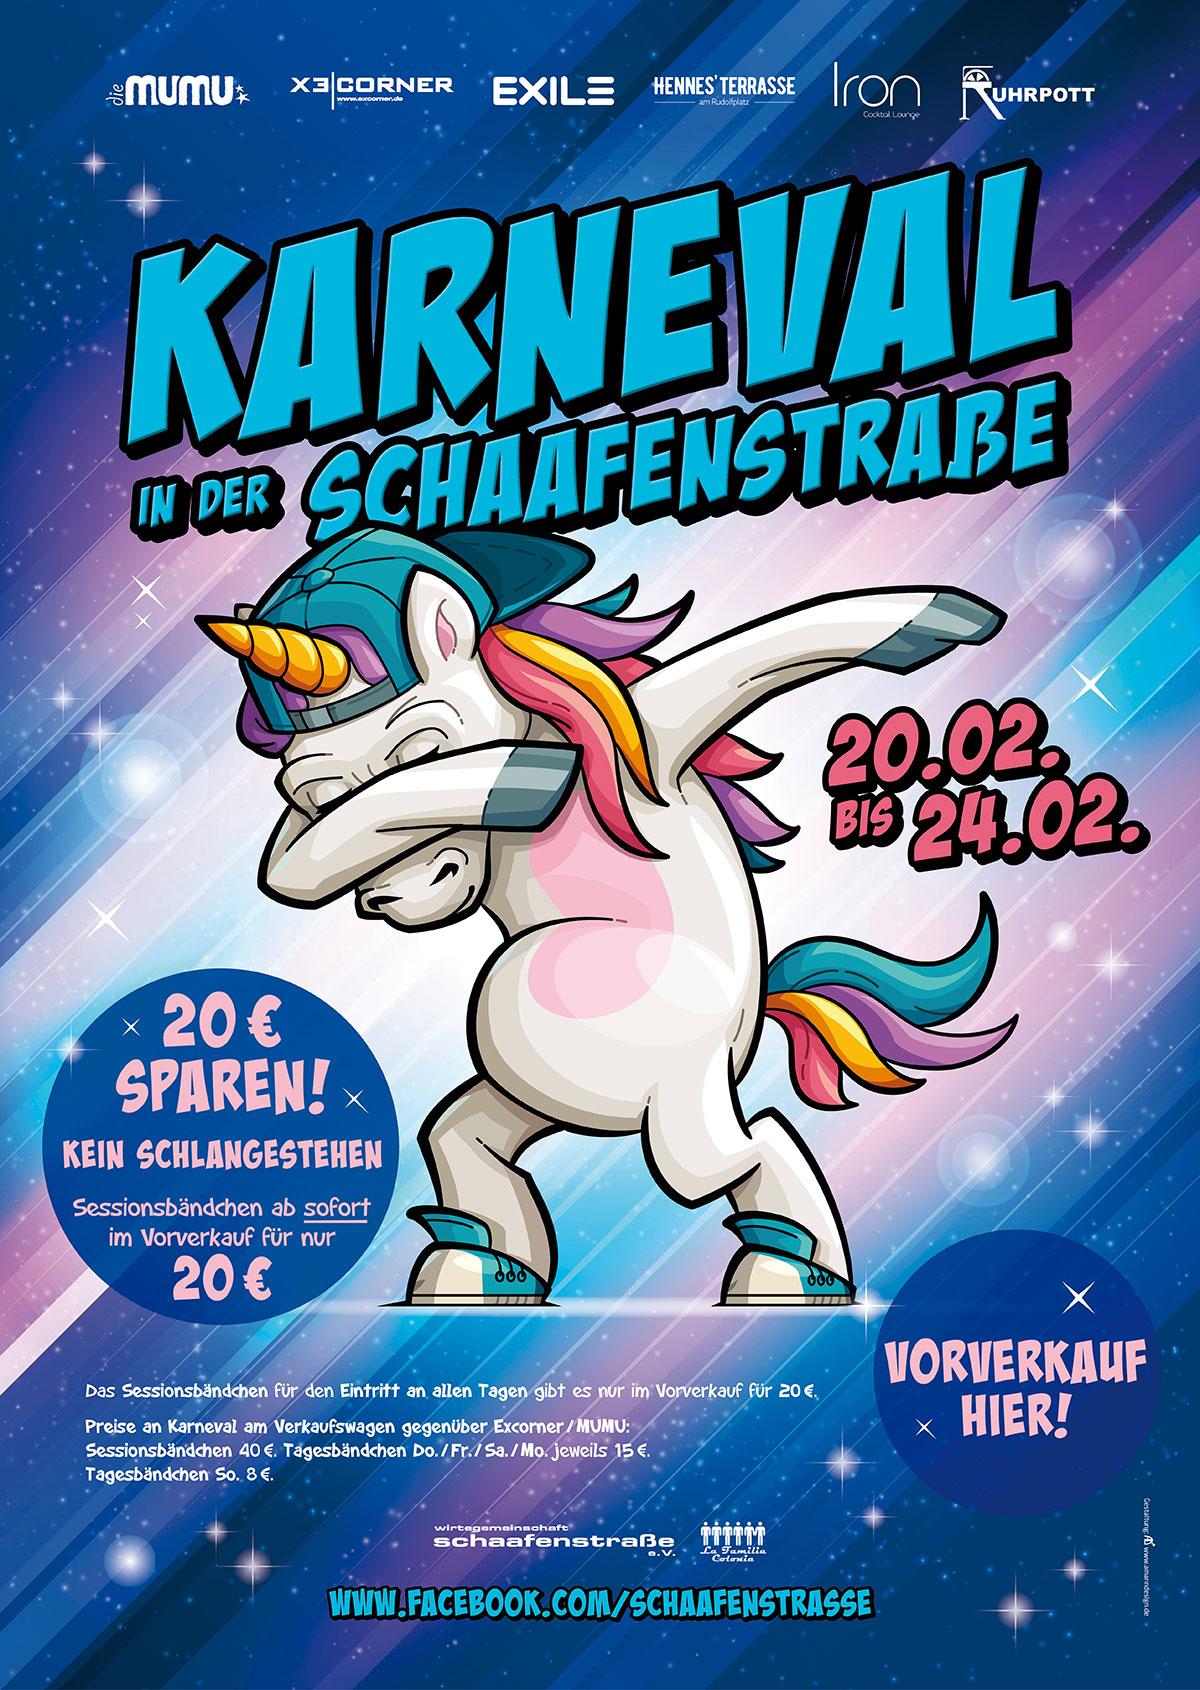 Karneval in der Schaafenstraße 2020